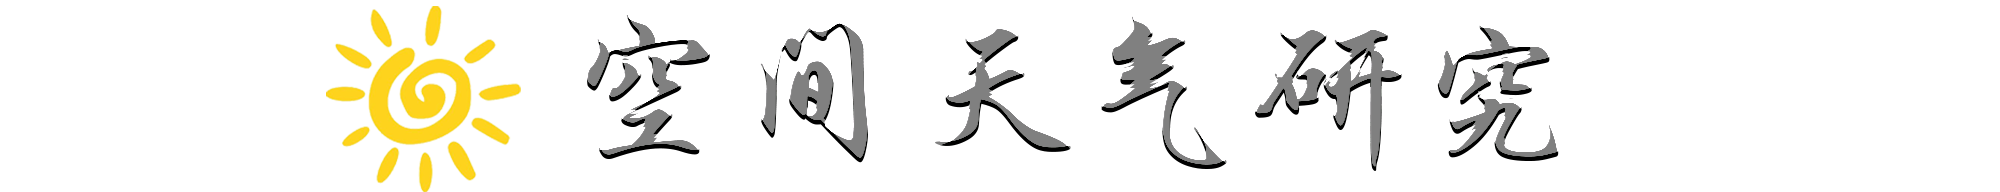 空间天气研究 Logo